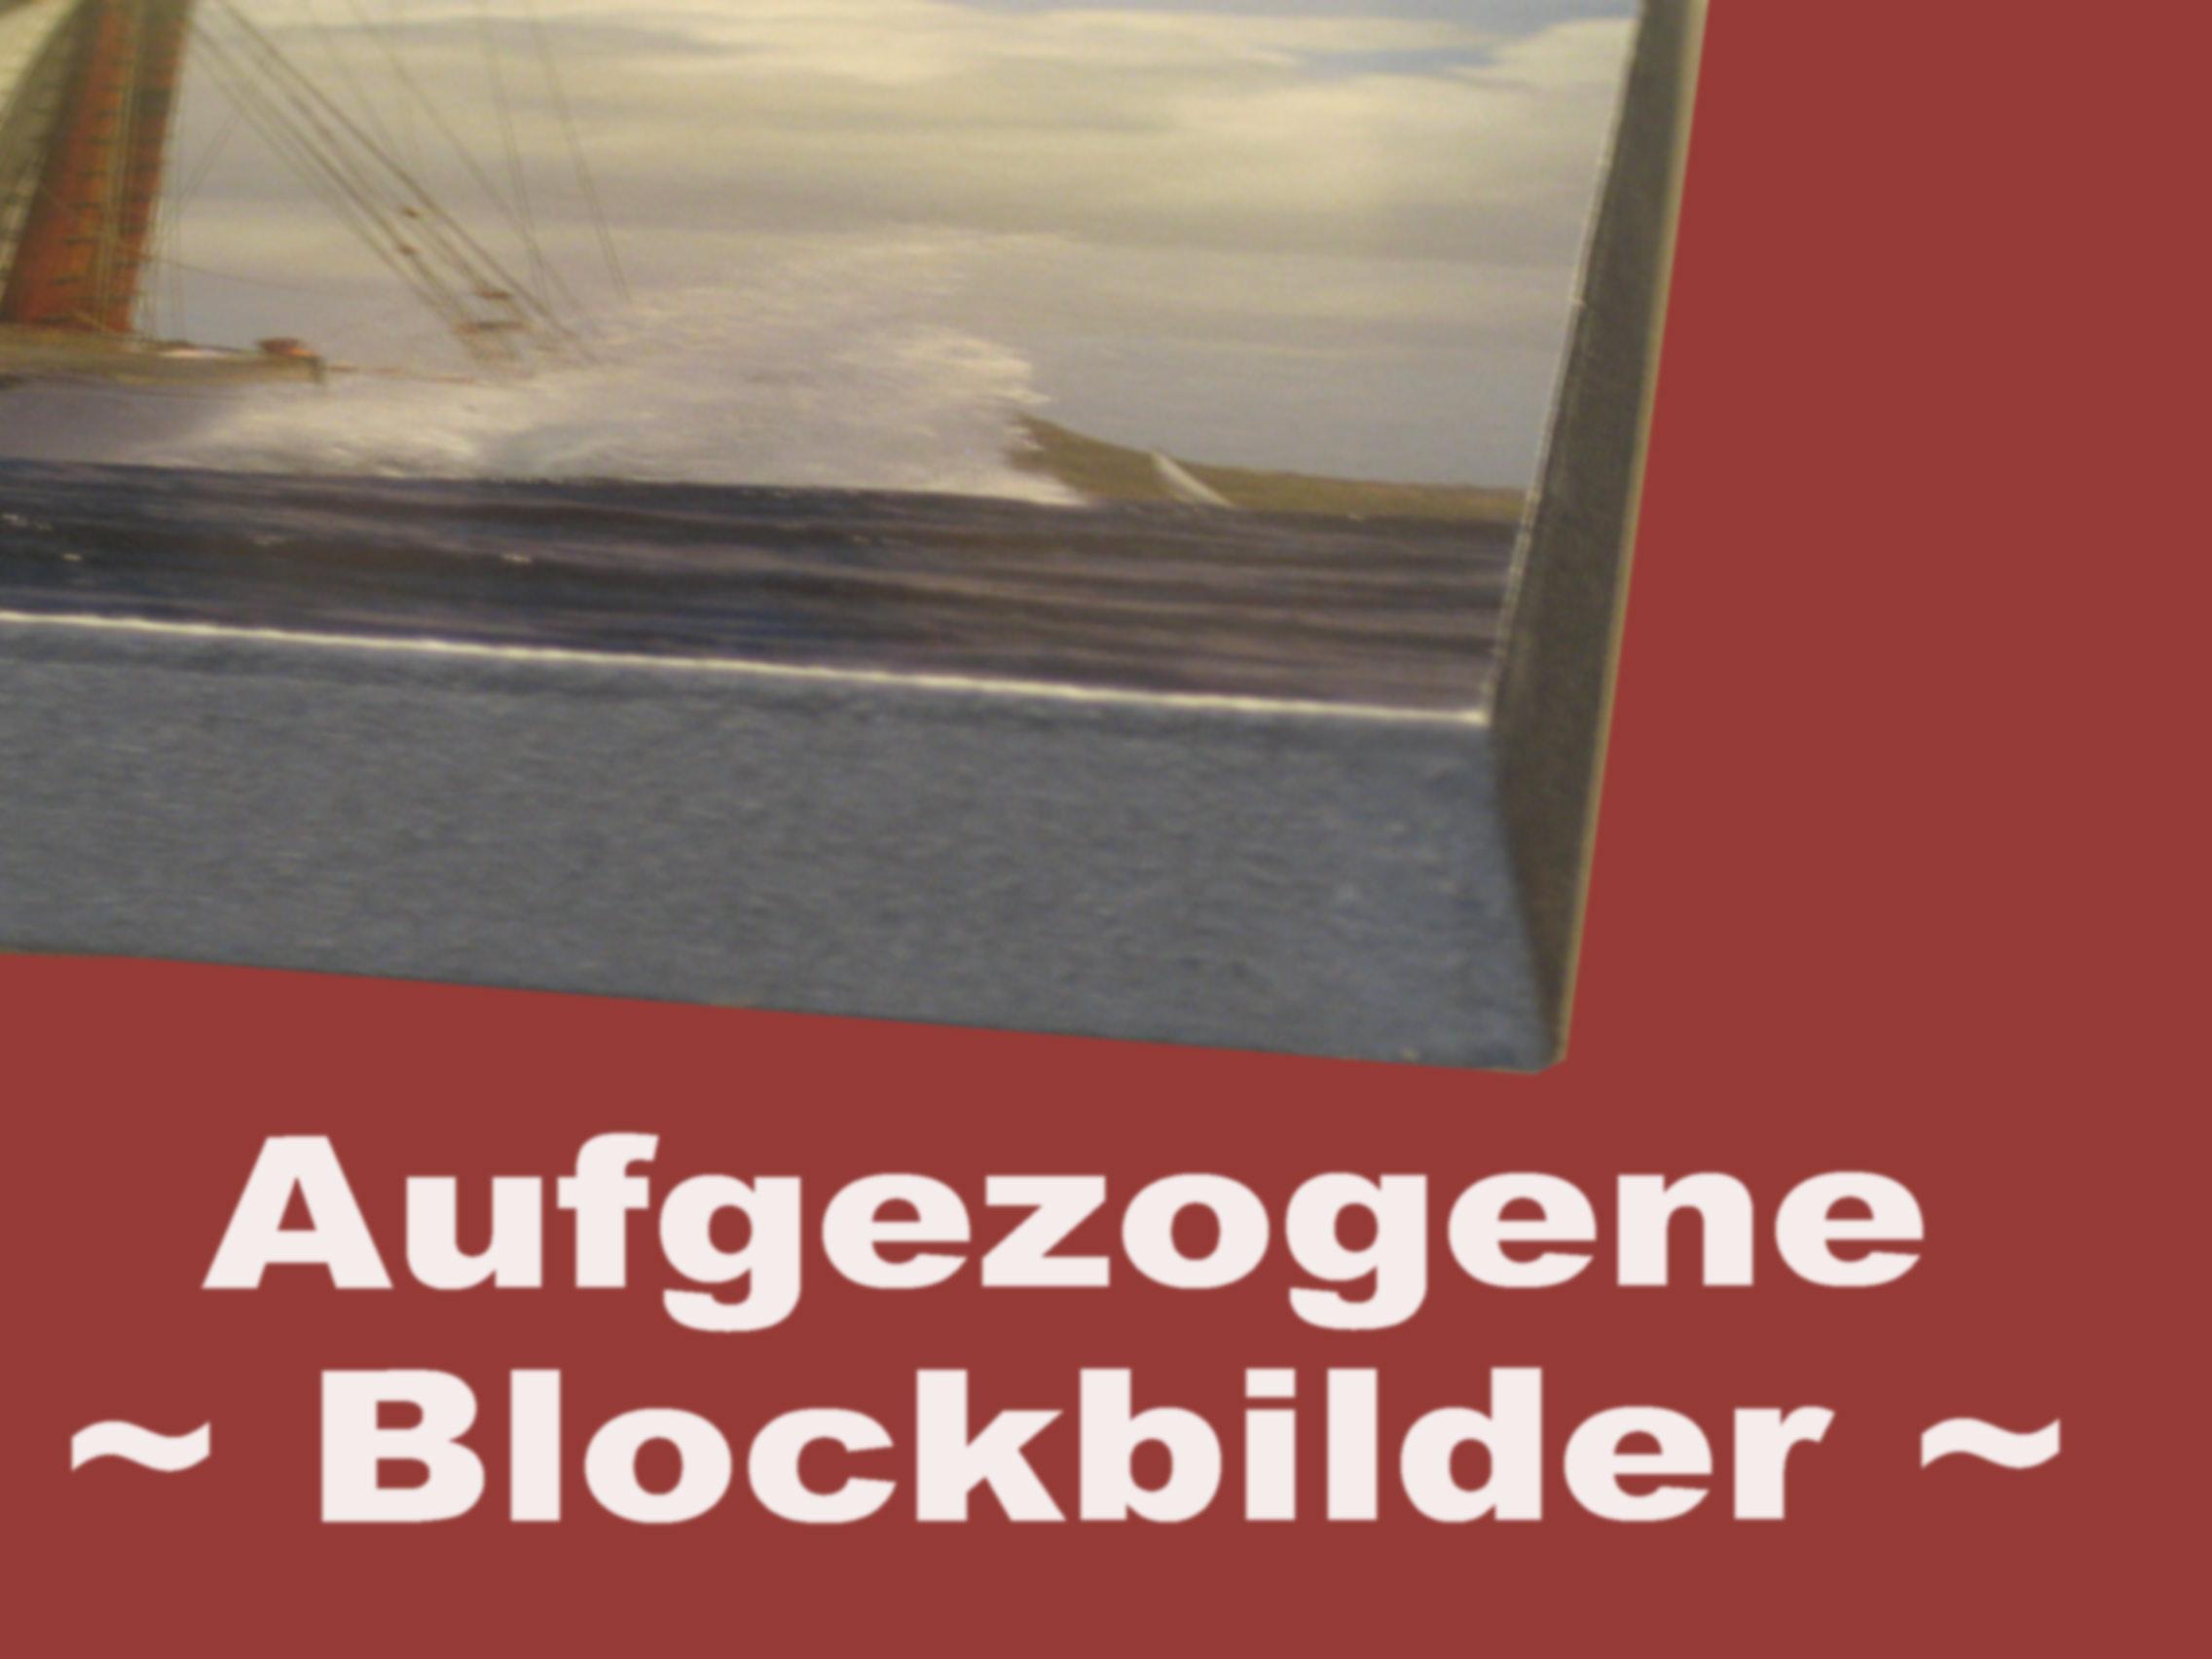 Blockbilder - Aufgezogene Plakate